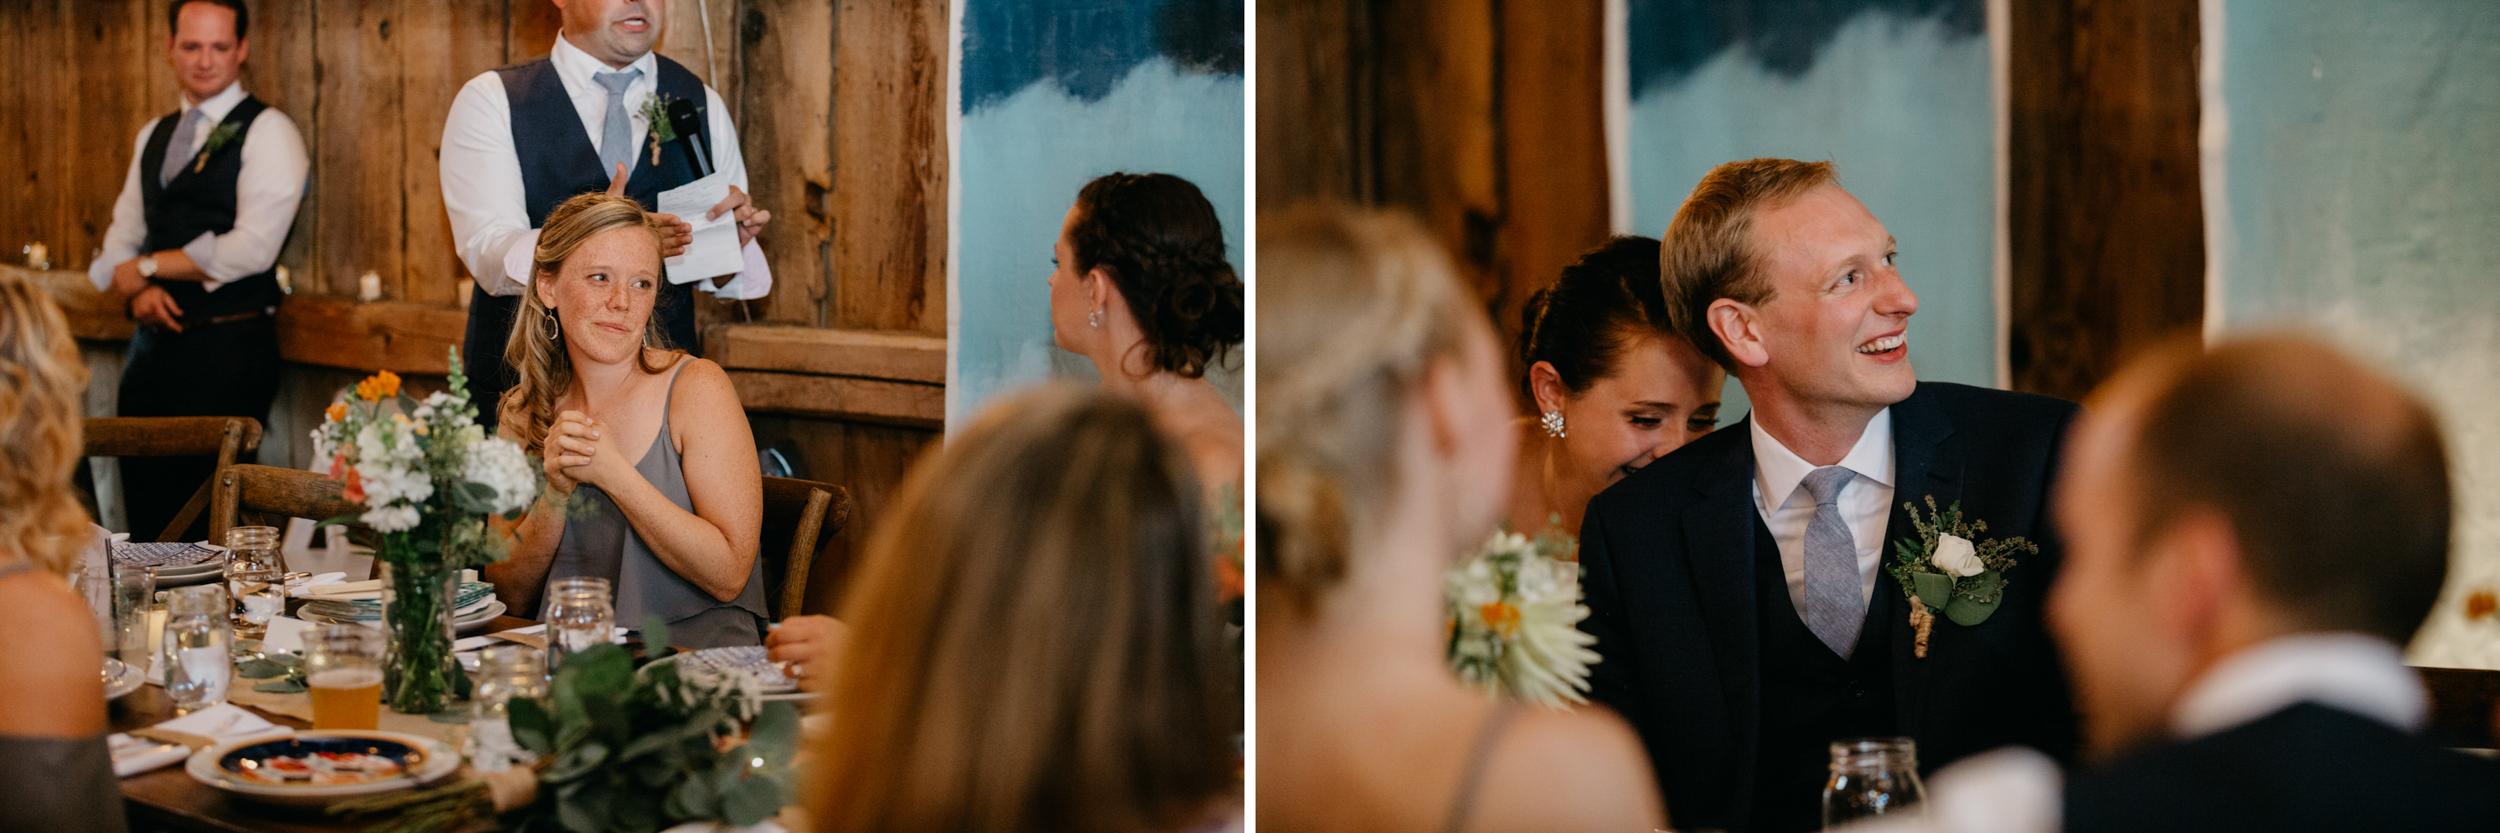 Jessie_Erik_Pownal_Maine_Wedding_William_allen_farm_045.jpg